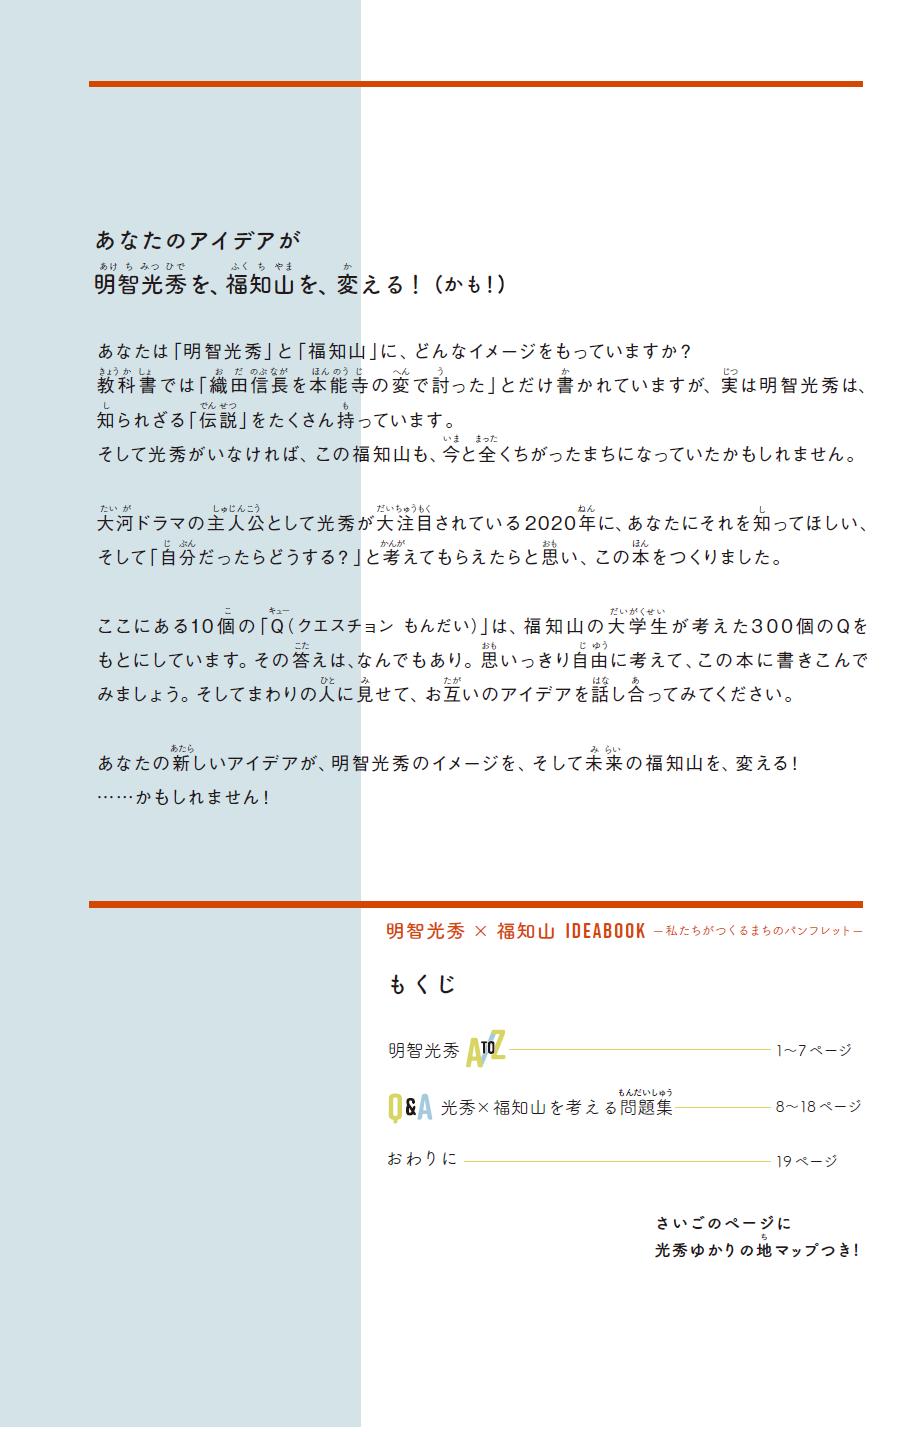 アイデアブック1.png